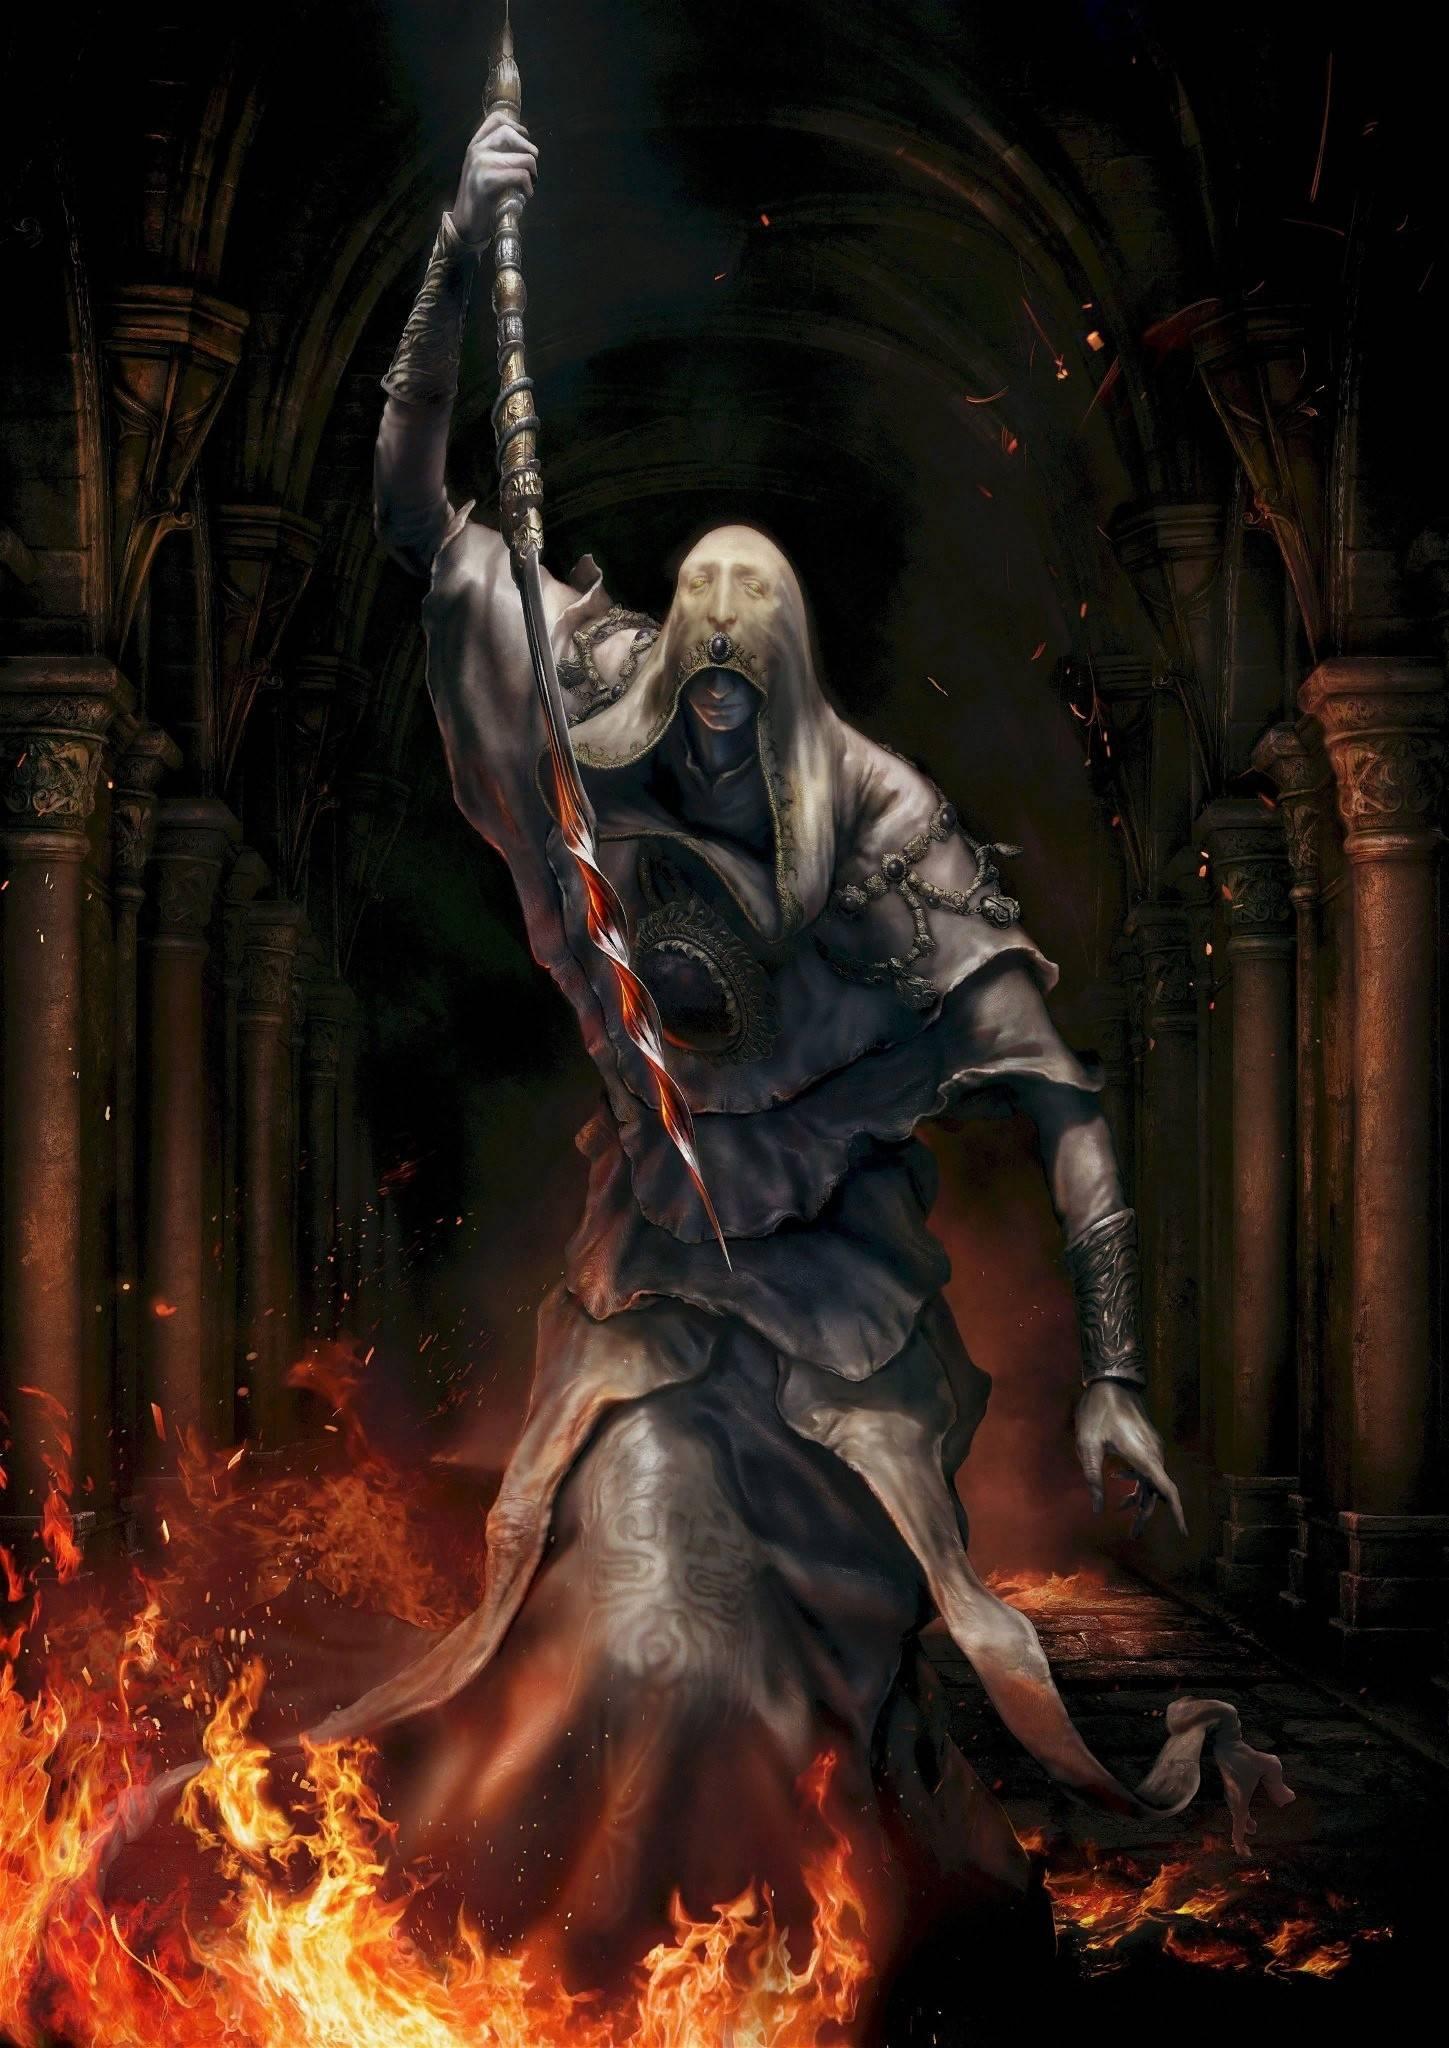 Подробности и трейлер Elden Ring — игры от FromSoftware и Джорджа Мартина 1